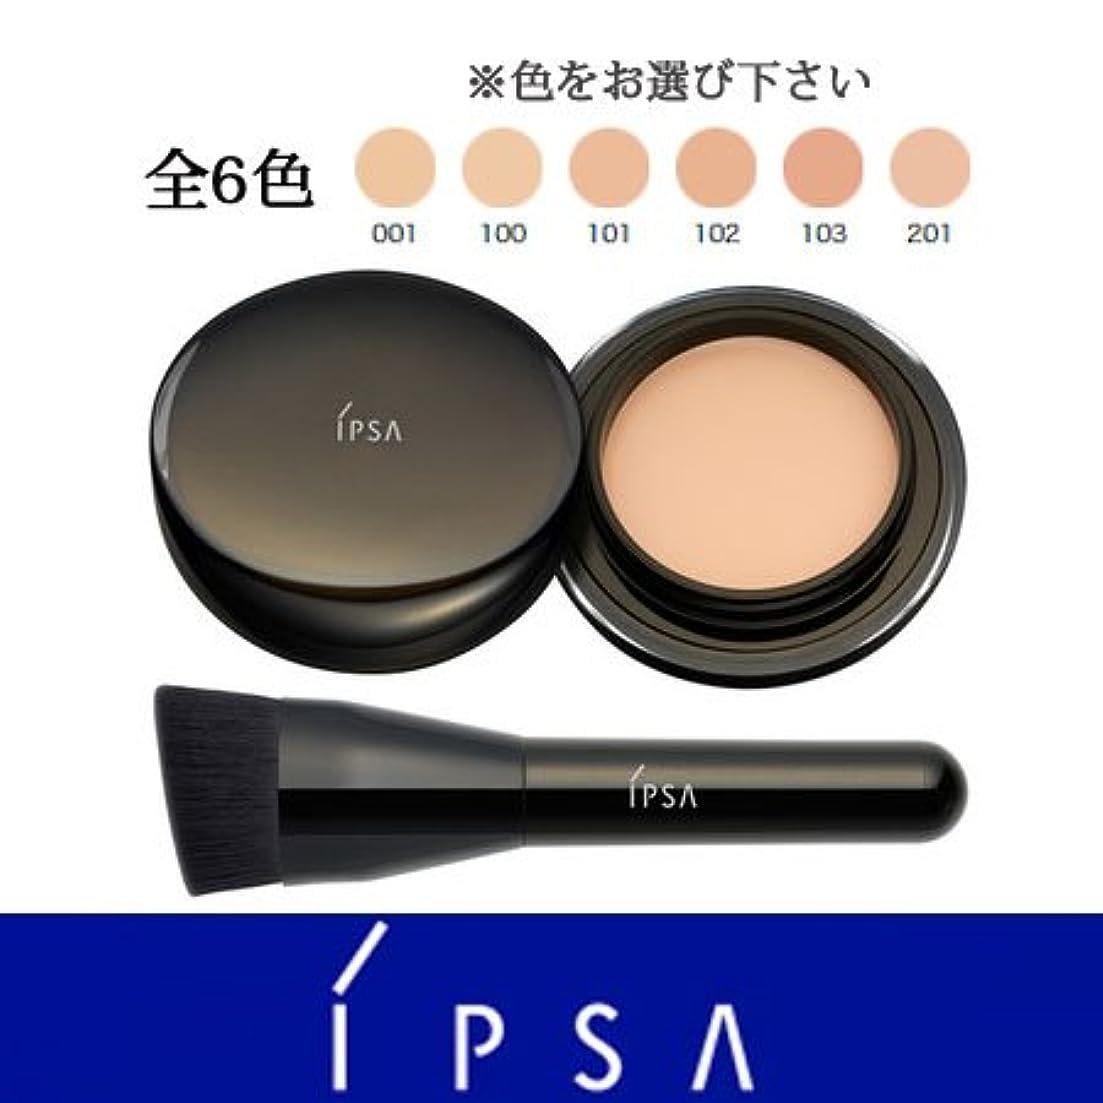 霧深い化学霧深いイプサ ファウンデイション アルティメイト 全6色 -IPSA- 001